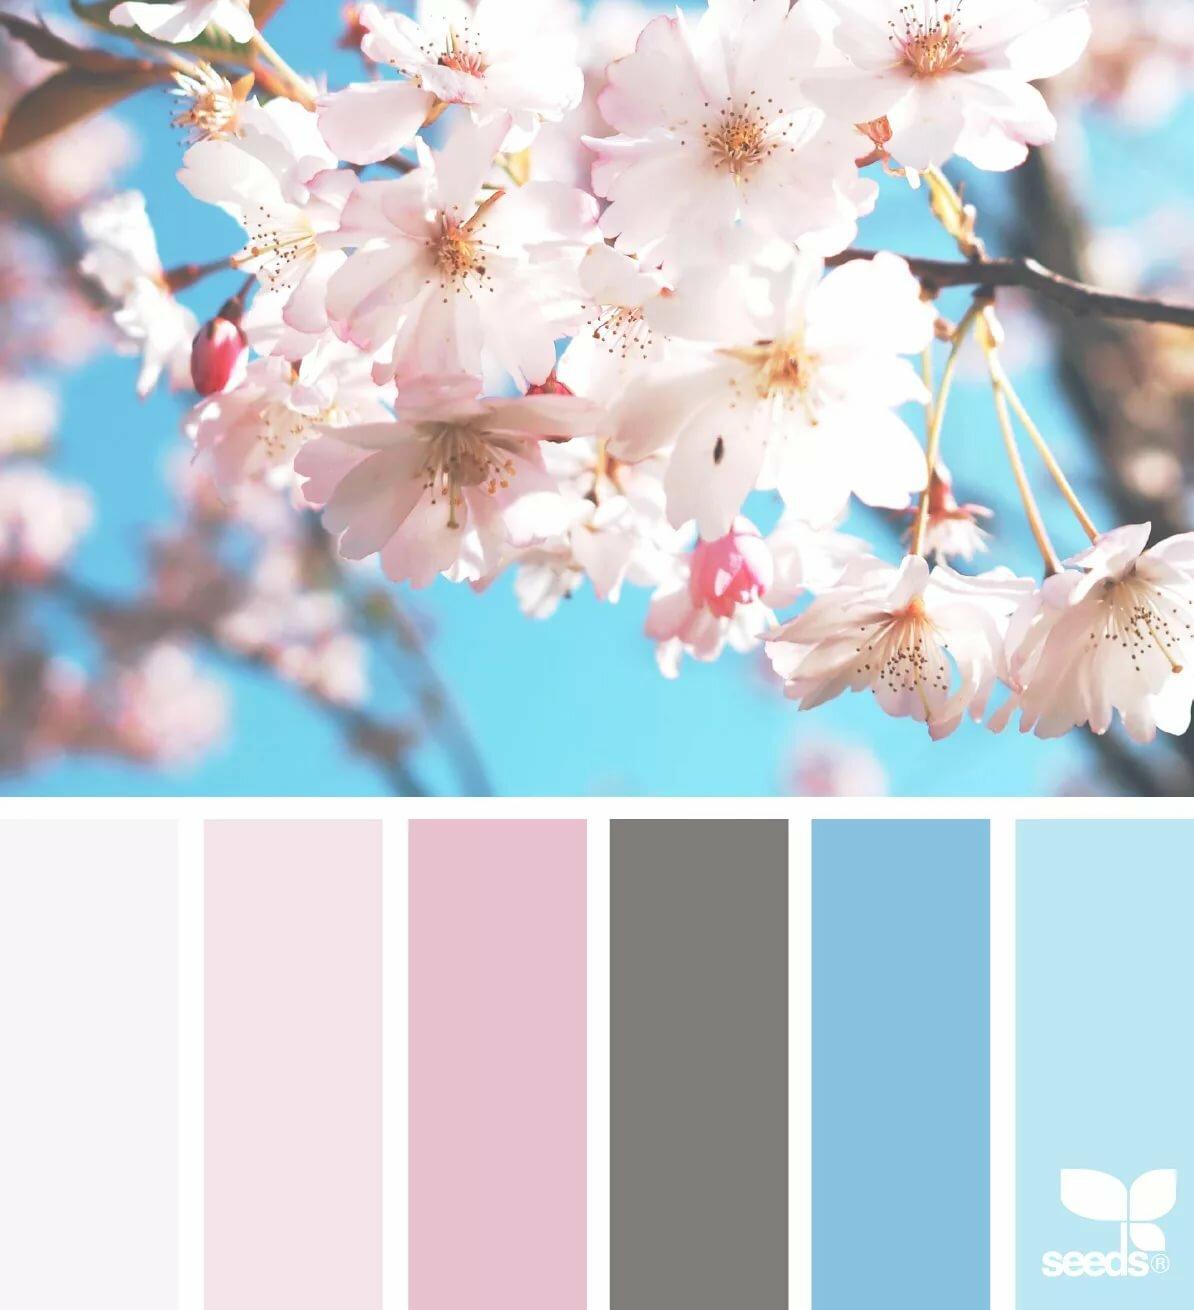 Картинки по цвету подборки для детей